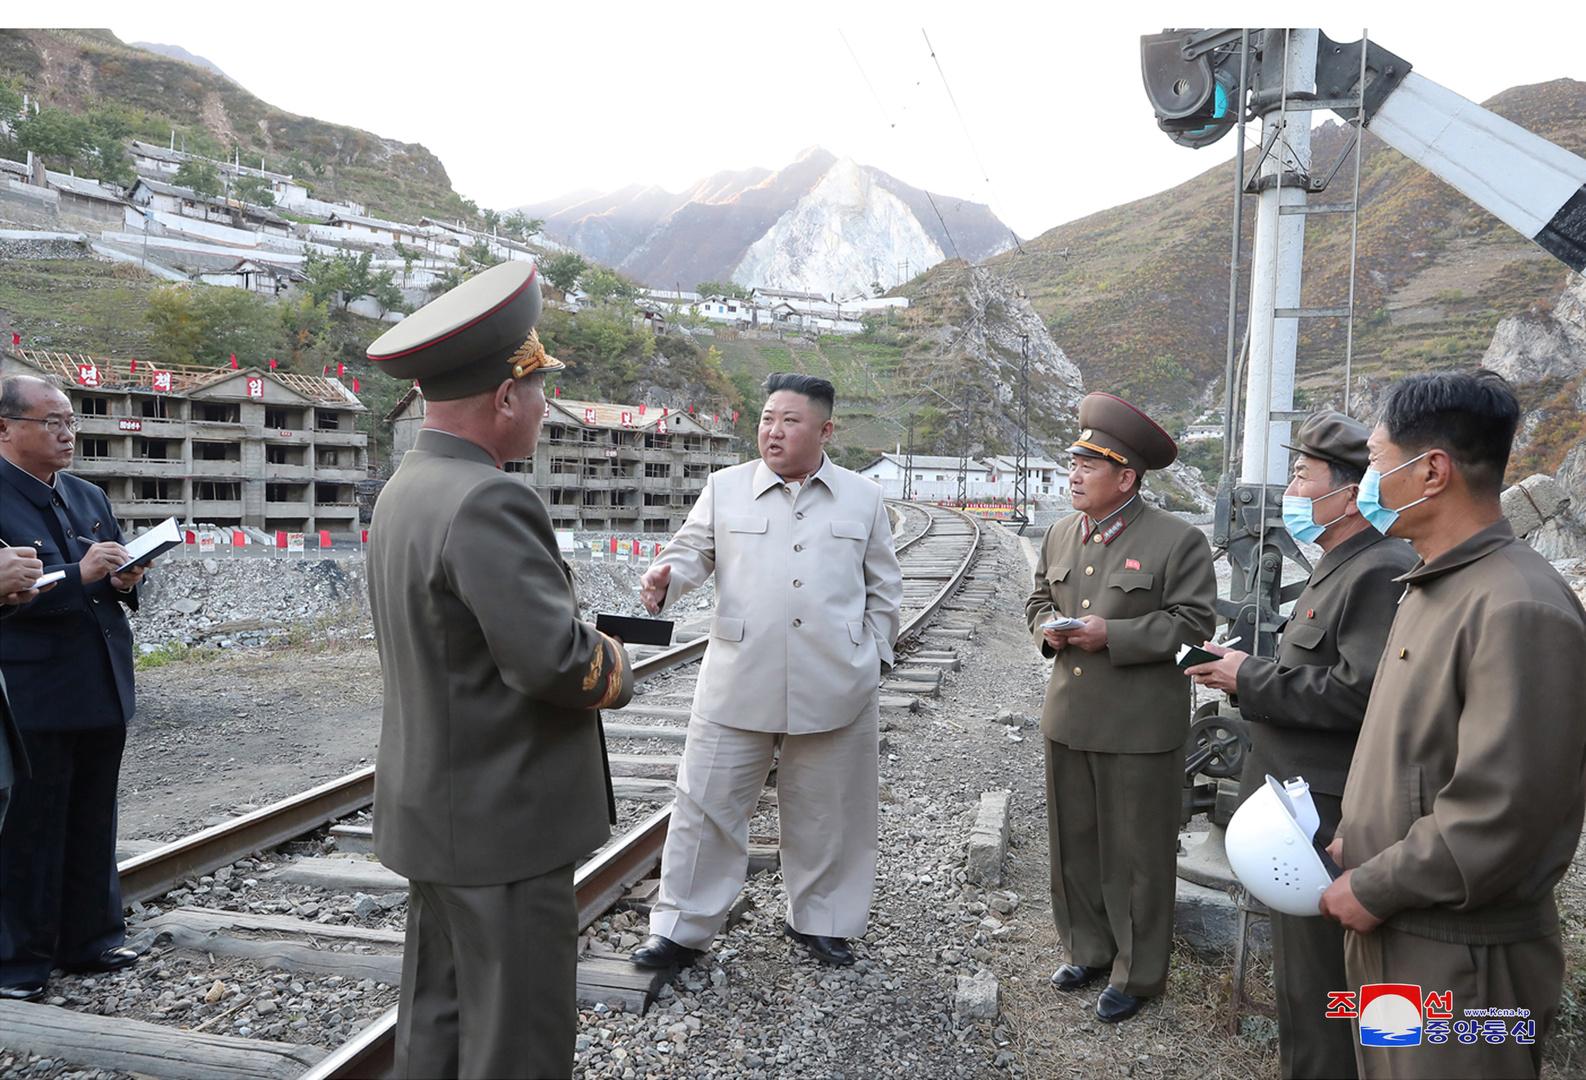 زعيم كوريا الشمالية كيم جونغ أون، أرشيف